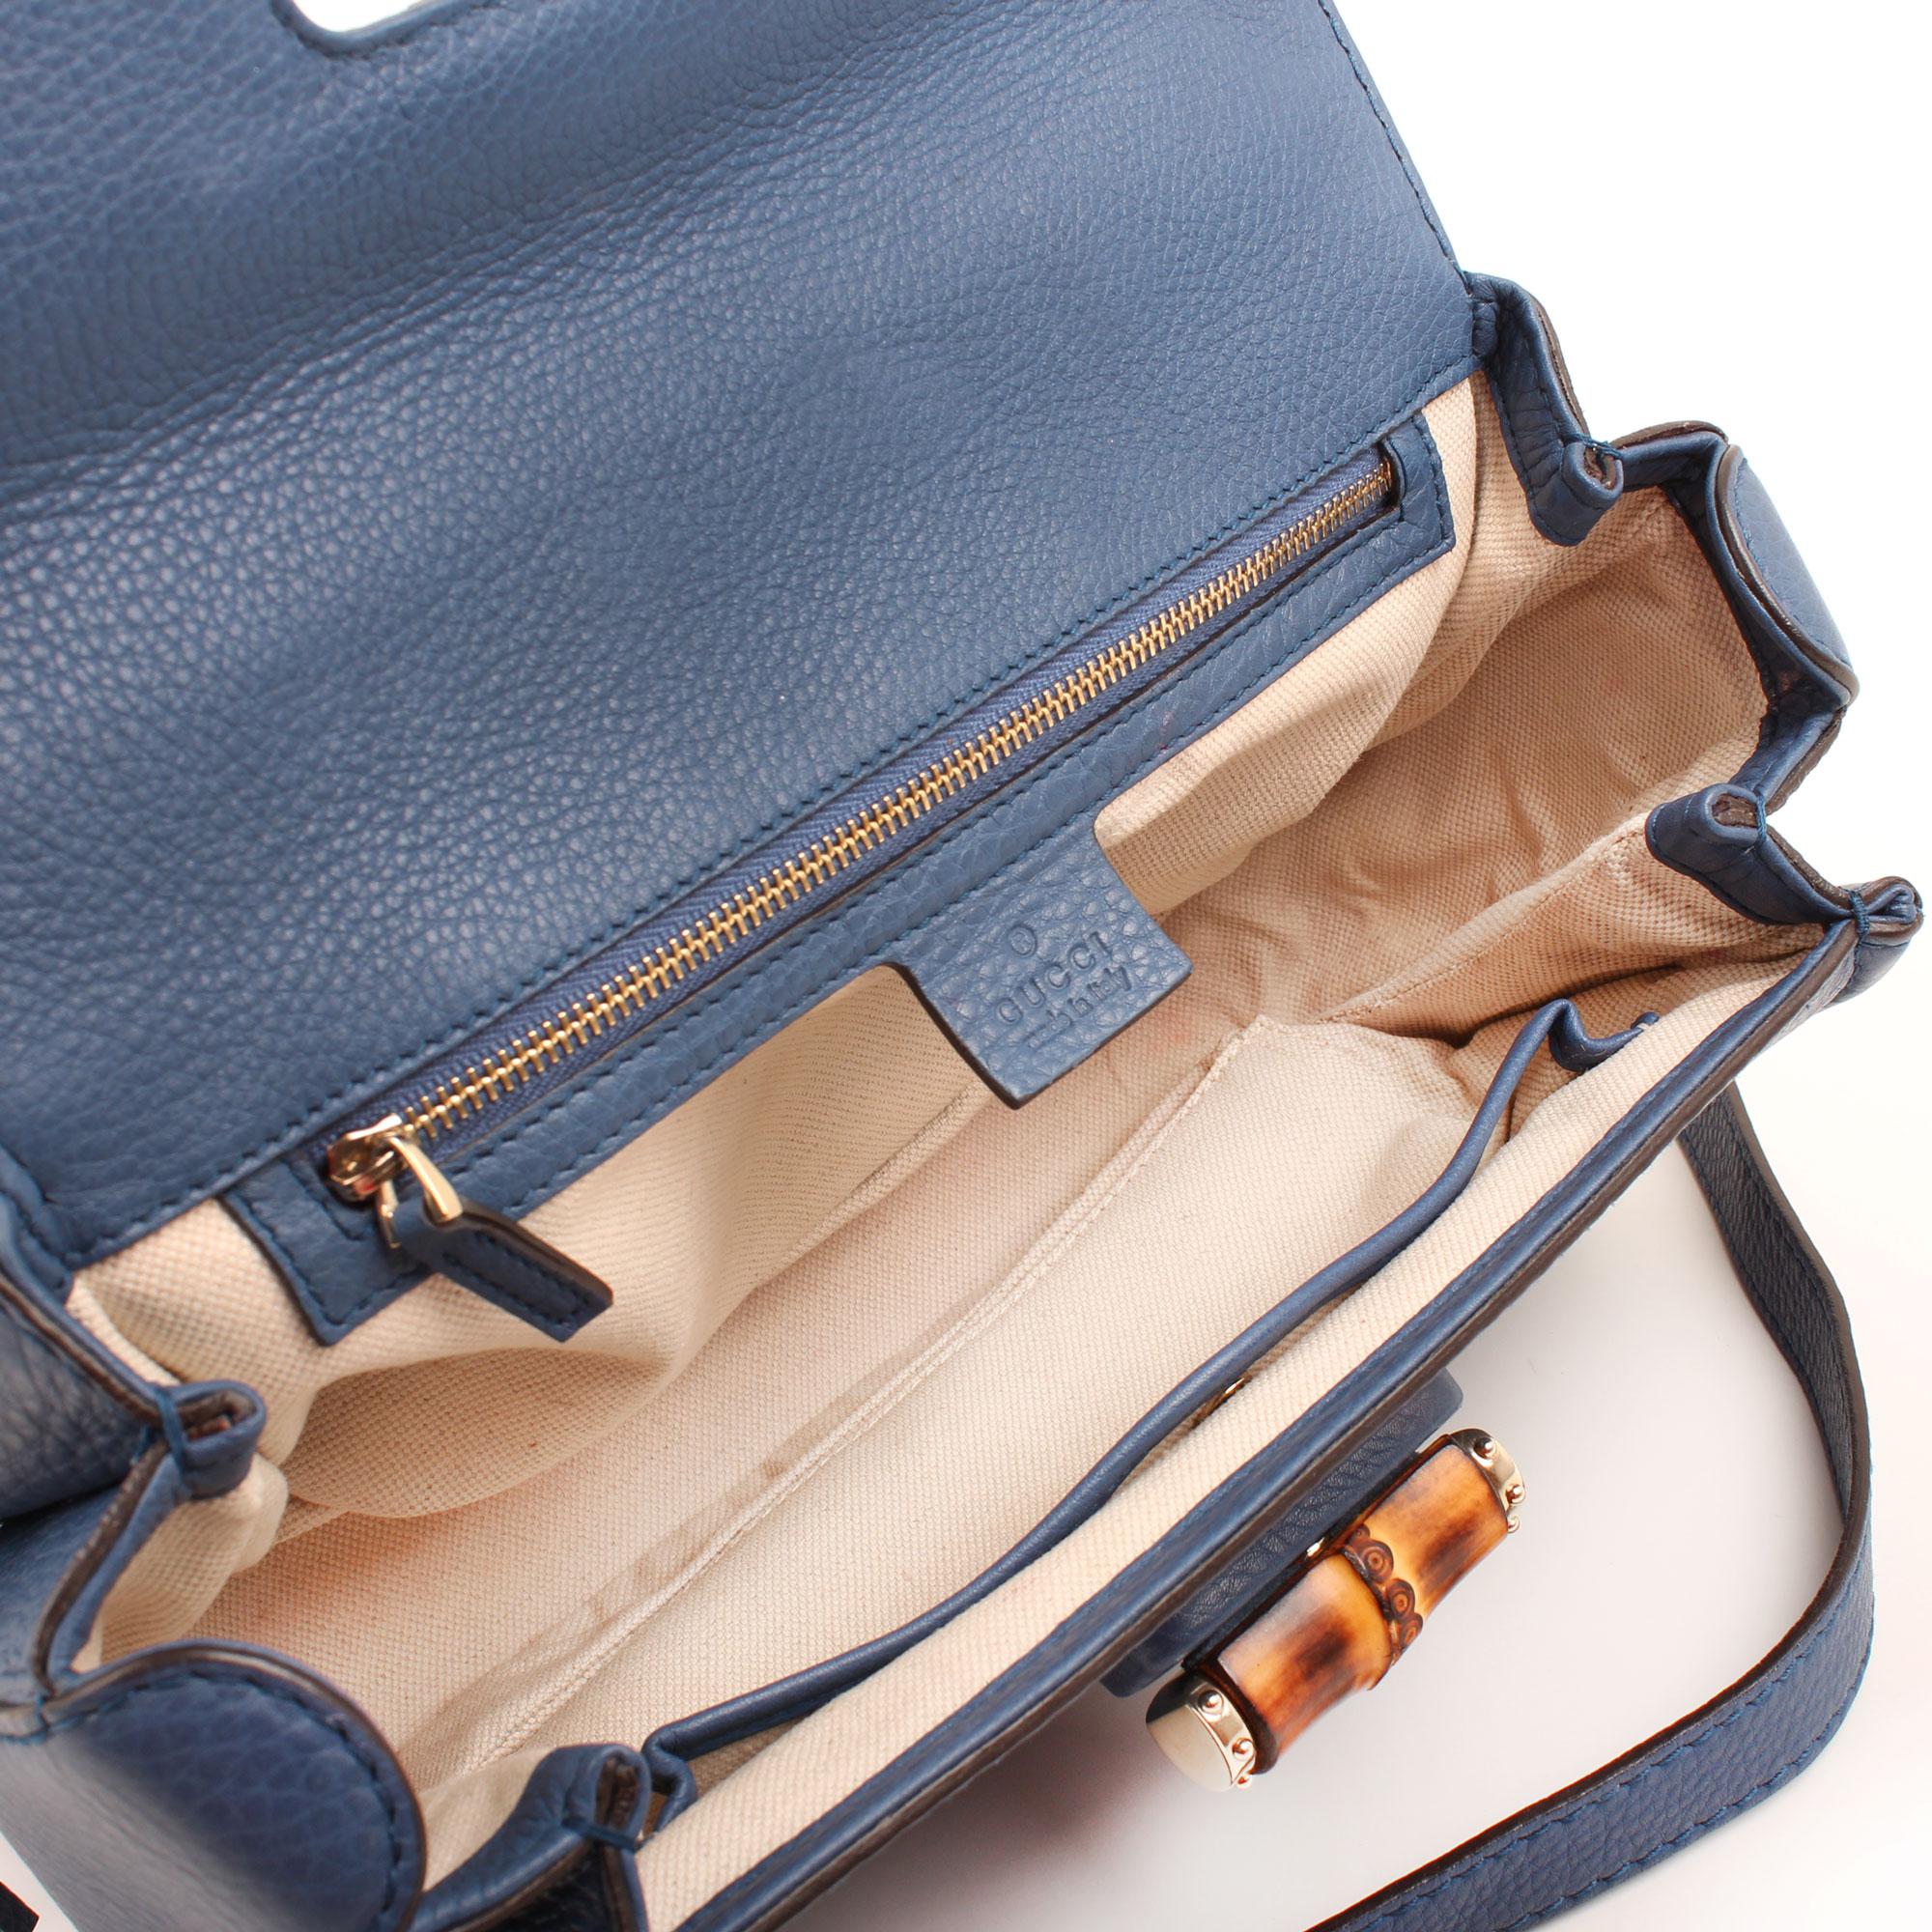 Imagen del interior del bolso gucci new bamboo mediano bandolera azul